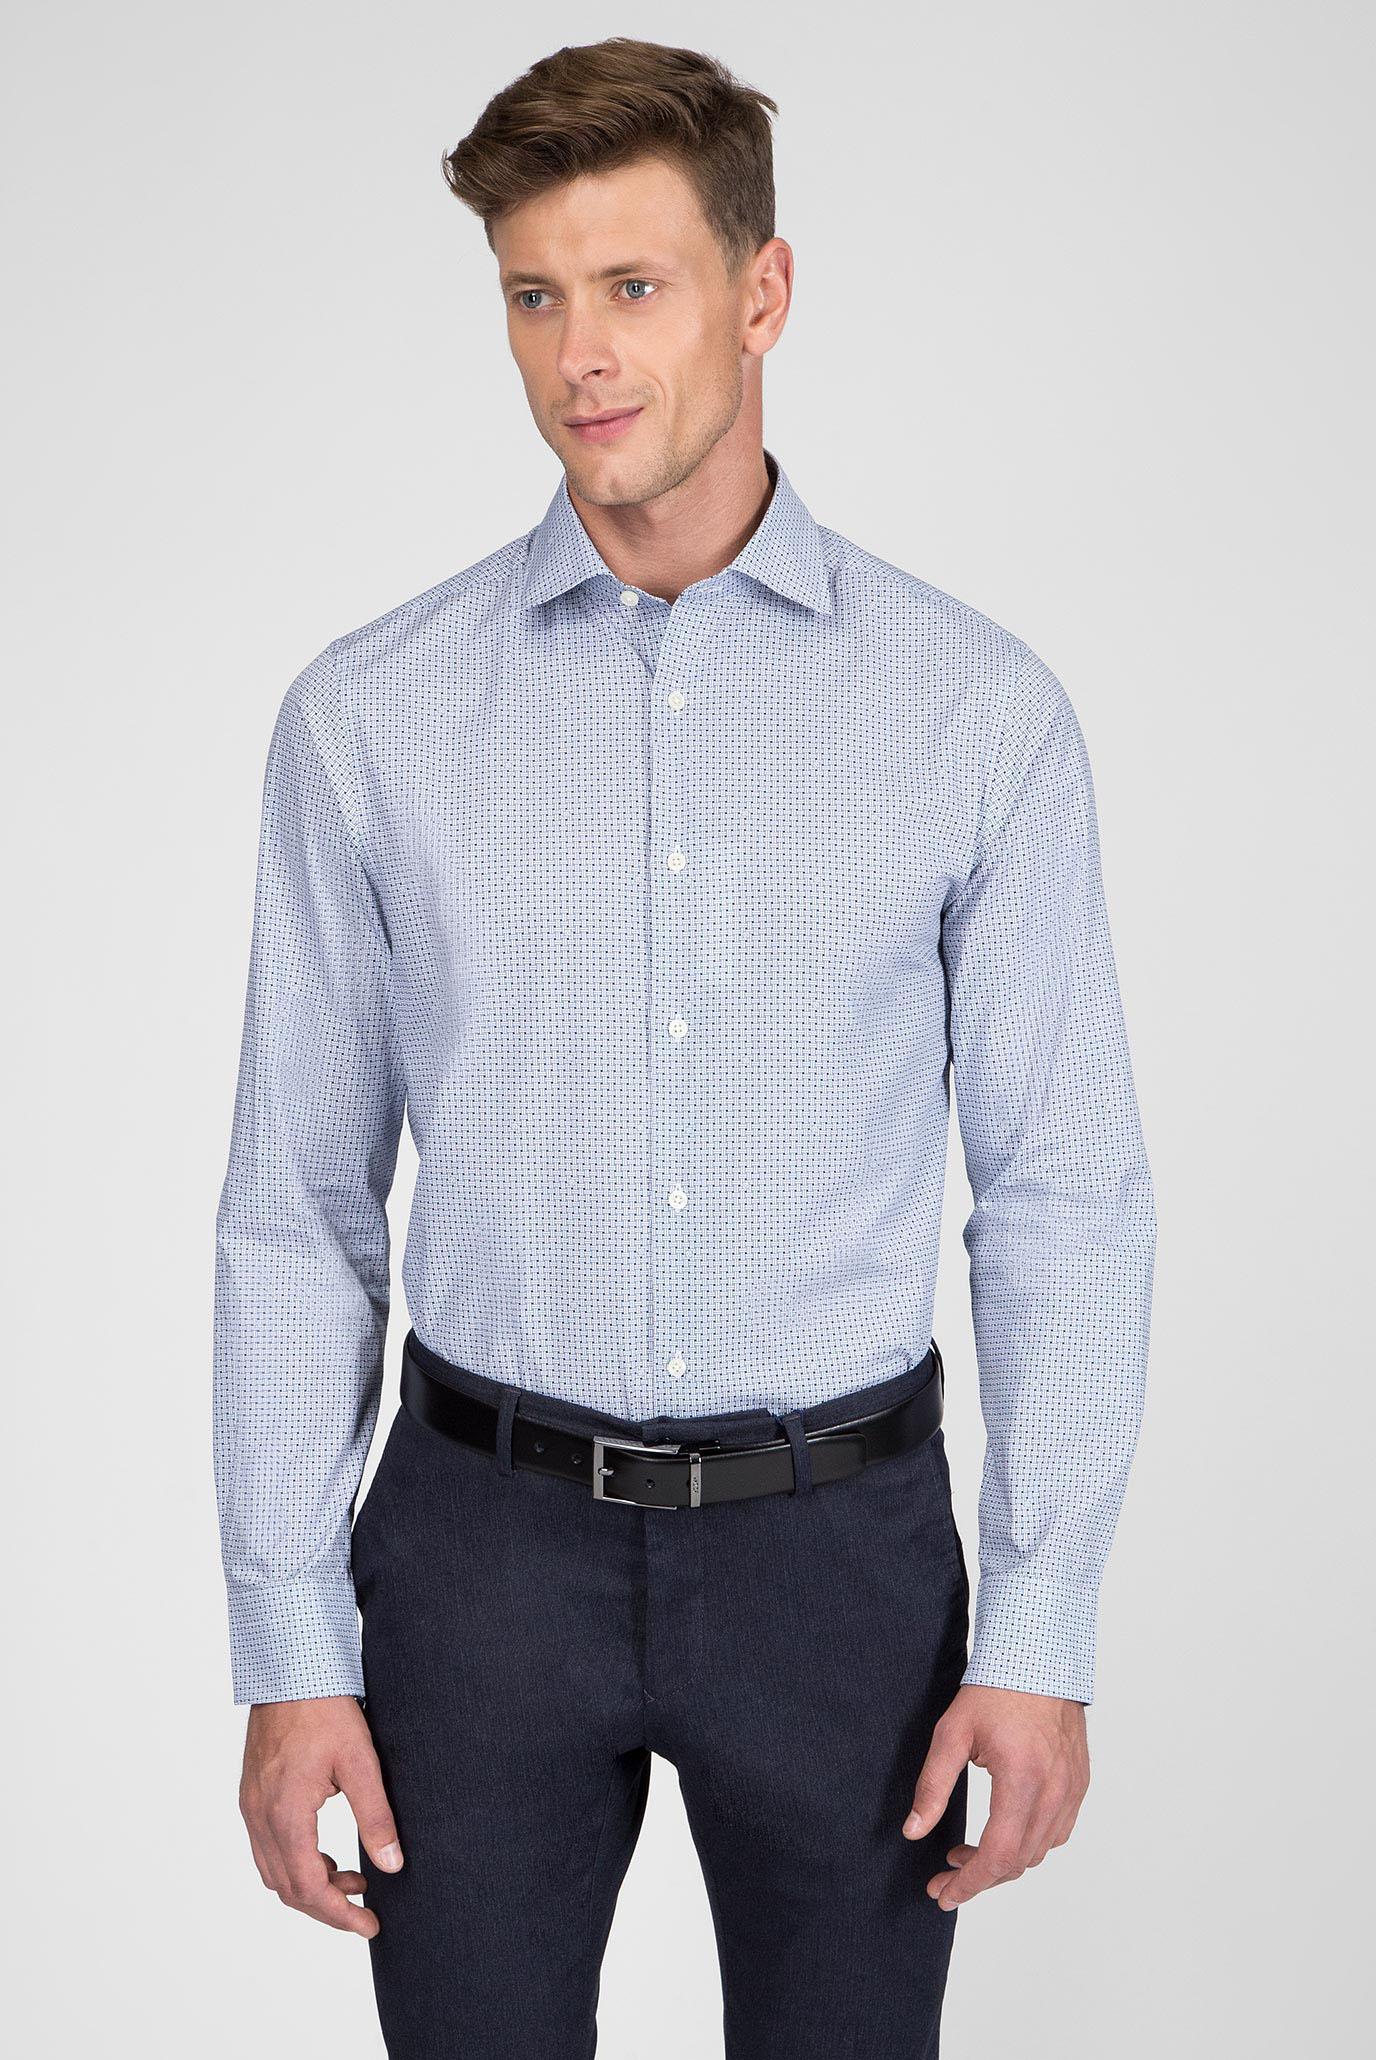 Купить Мужская белая рубашка с принтом Gant Gant 3051714 – Киев, Украина. Цены в интернет магазине MD Fashion